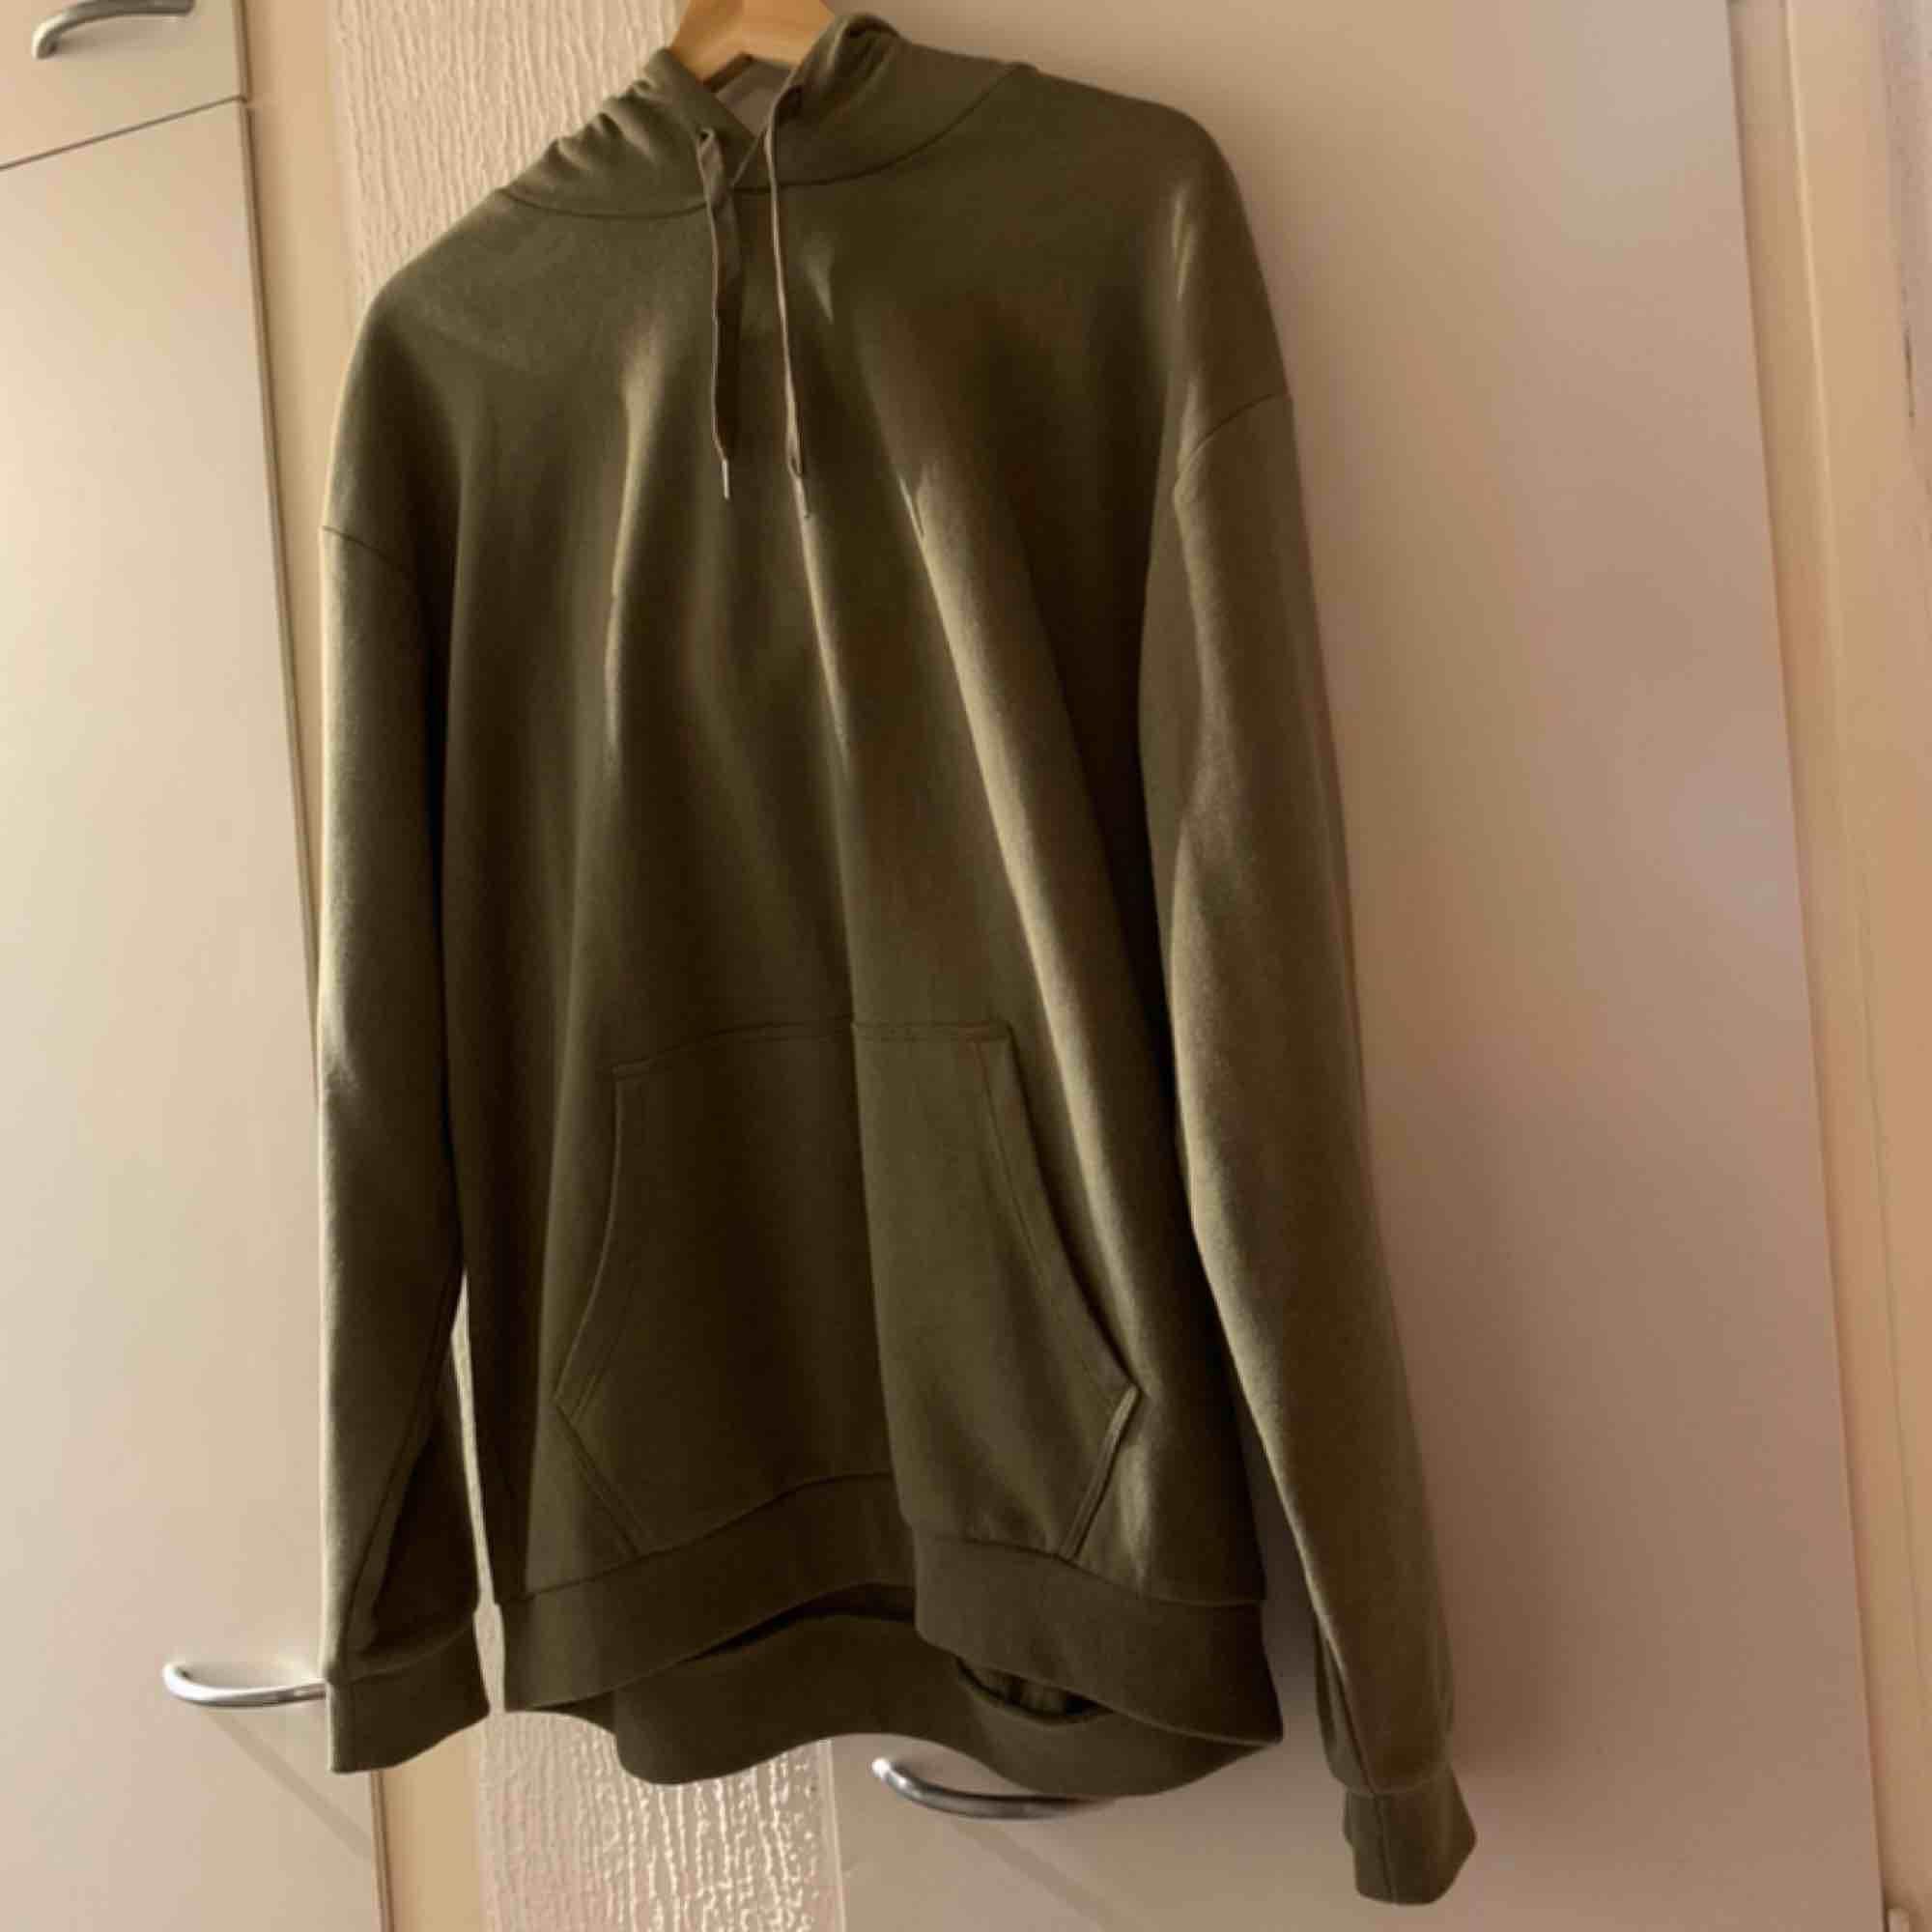 Fint hoodie från Cubus helt ny aldrig använd stlr L men passar alla storlek tror jag,passar bra mig som har xs-s köpte för 249 Finns i Malmö. Kan skicka dem men köparen betalar fraktkostnaden . Huvtröjor & Träningströjor.